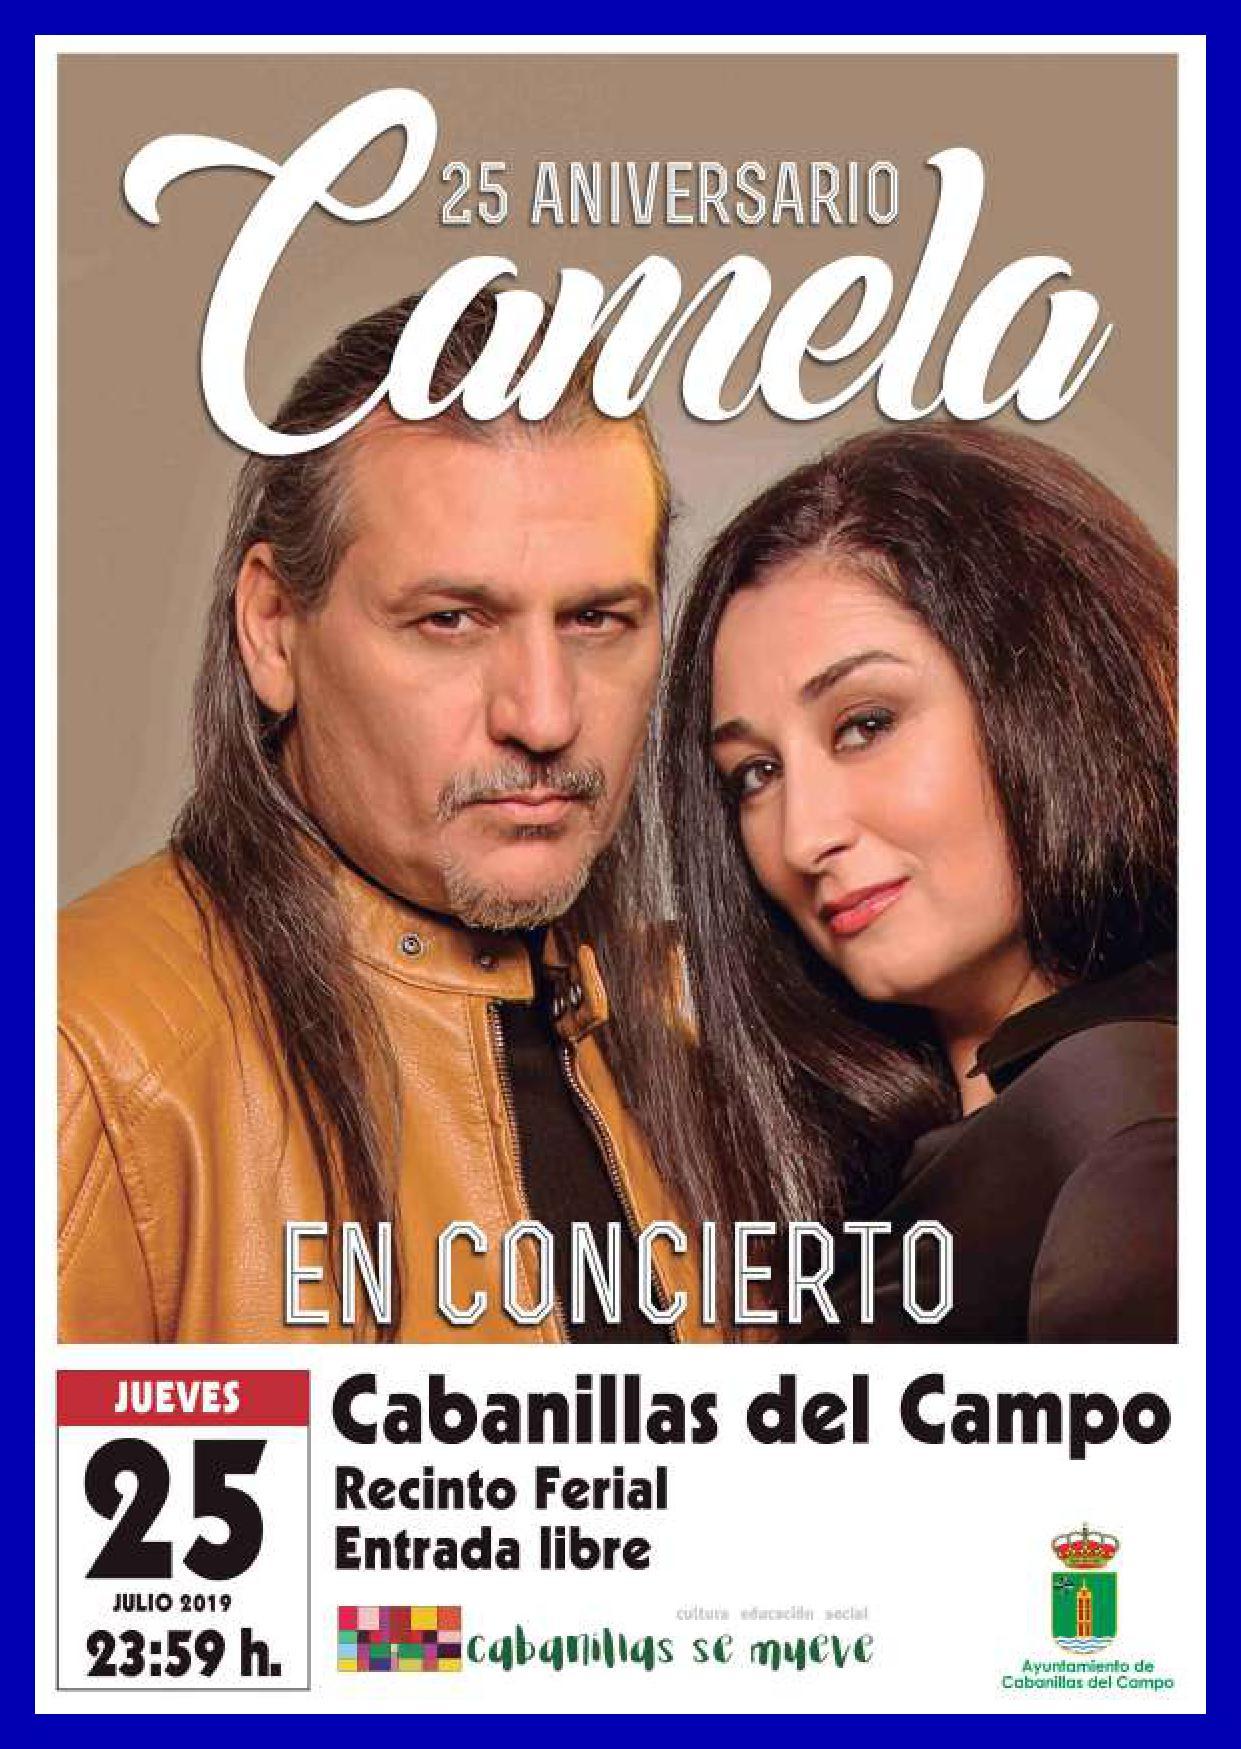 Camela en concierto en las fiestas de Cabanillas del Campo